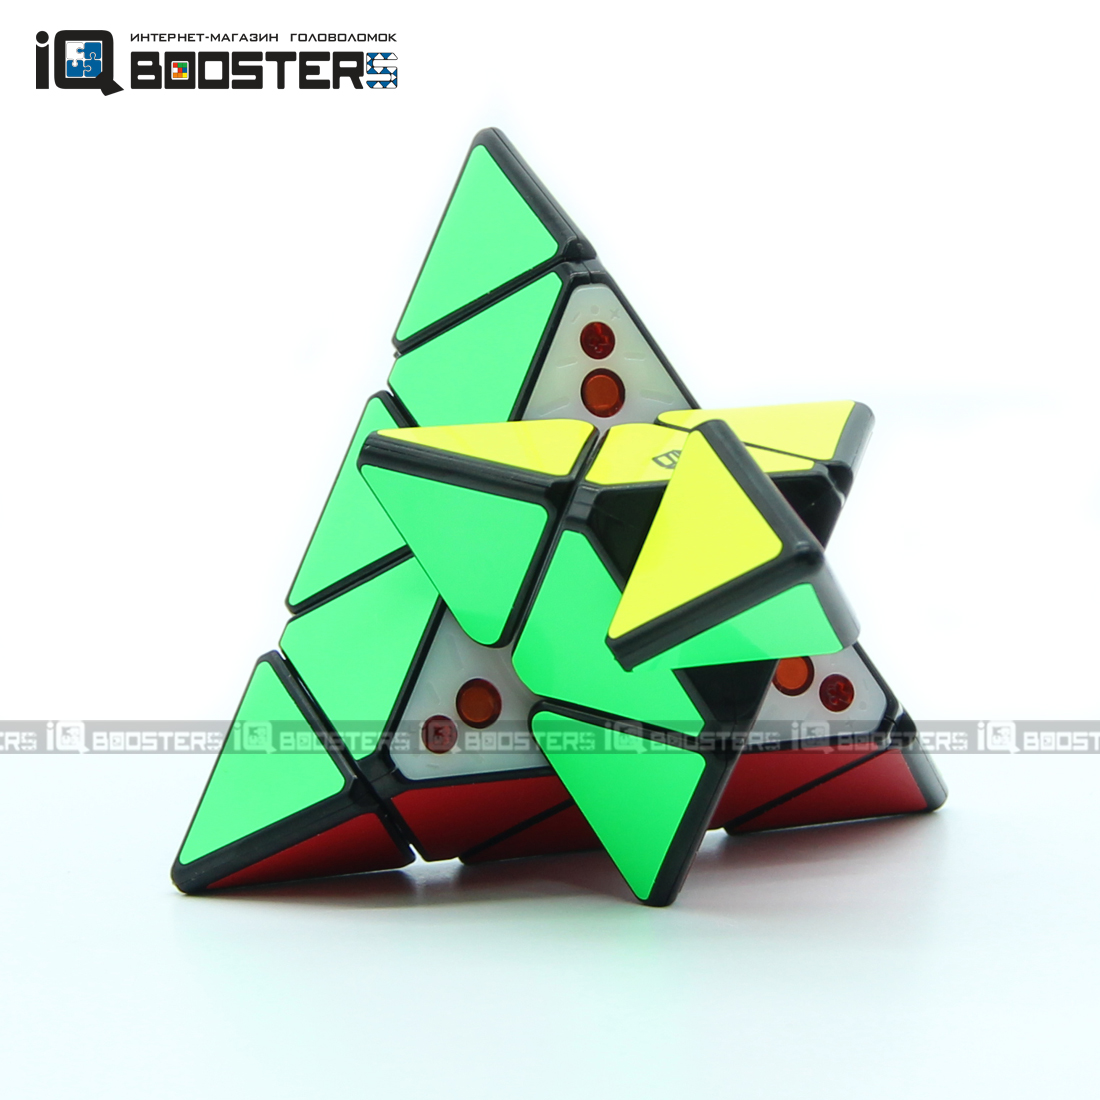 x-man_pyraminx_bell_v2_m_0471